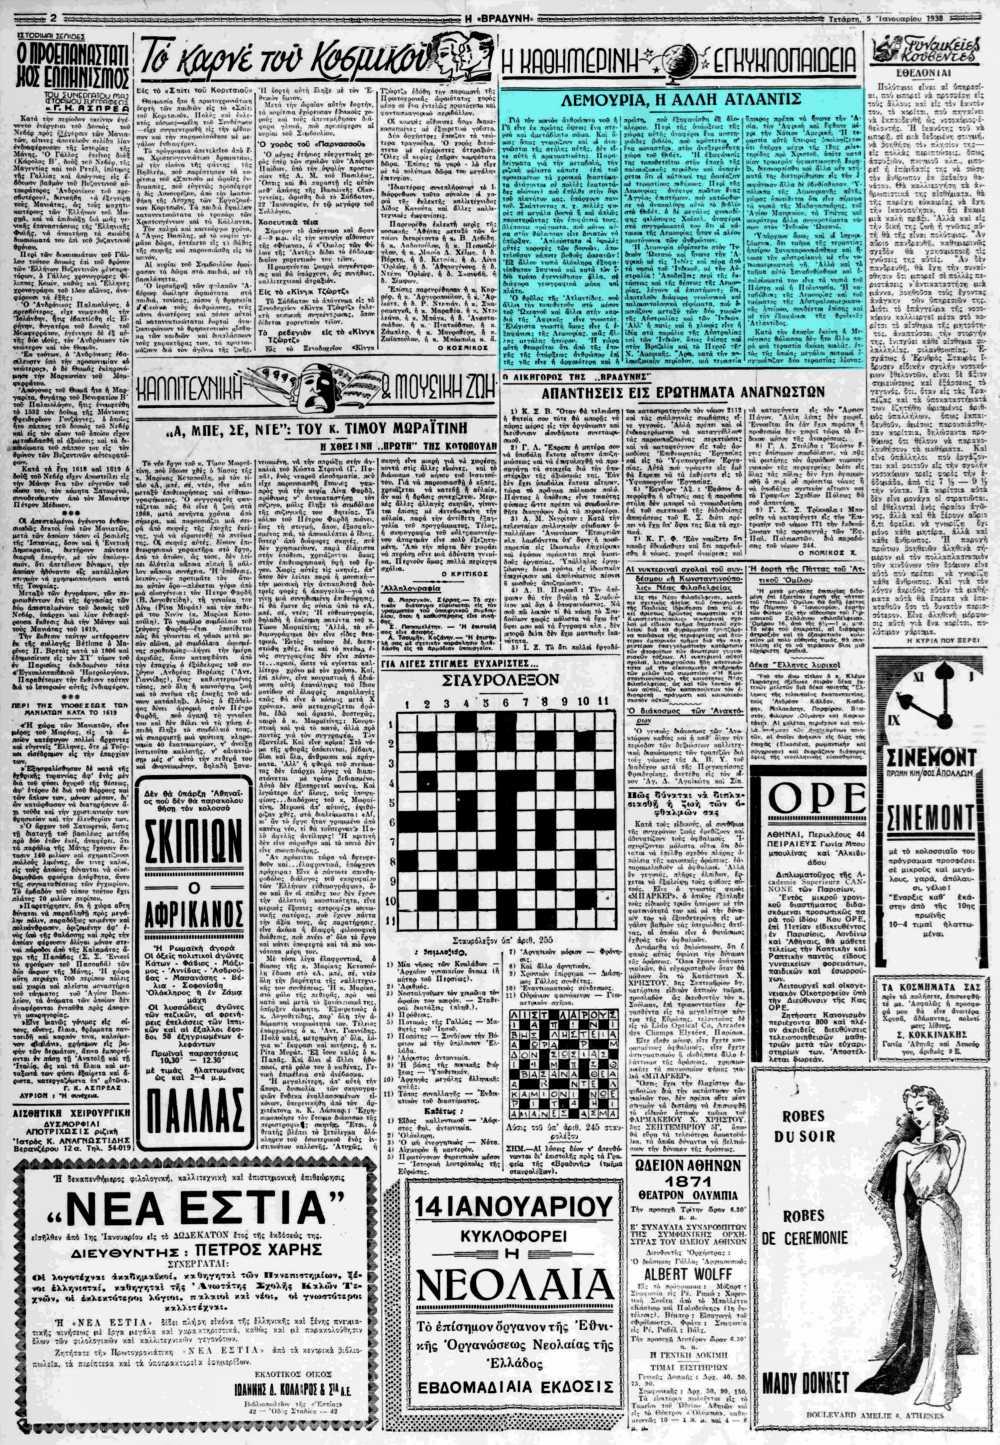 """Το άρθρο, όπως δημοσιεύθηκε στην εφημερίδα """"Η ΒΡΑΔΥΝΗ"""", στις 05/01/1938"""